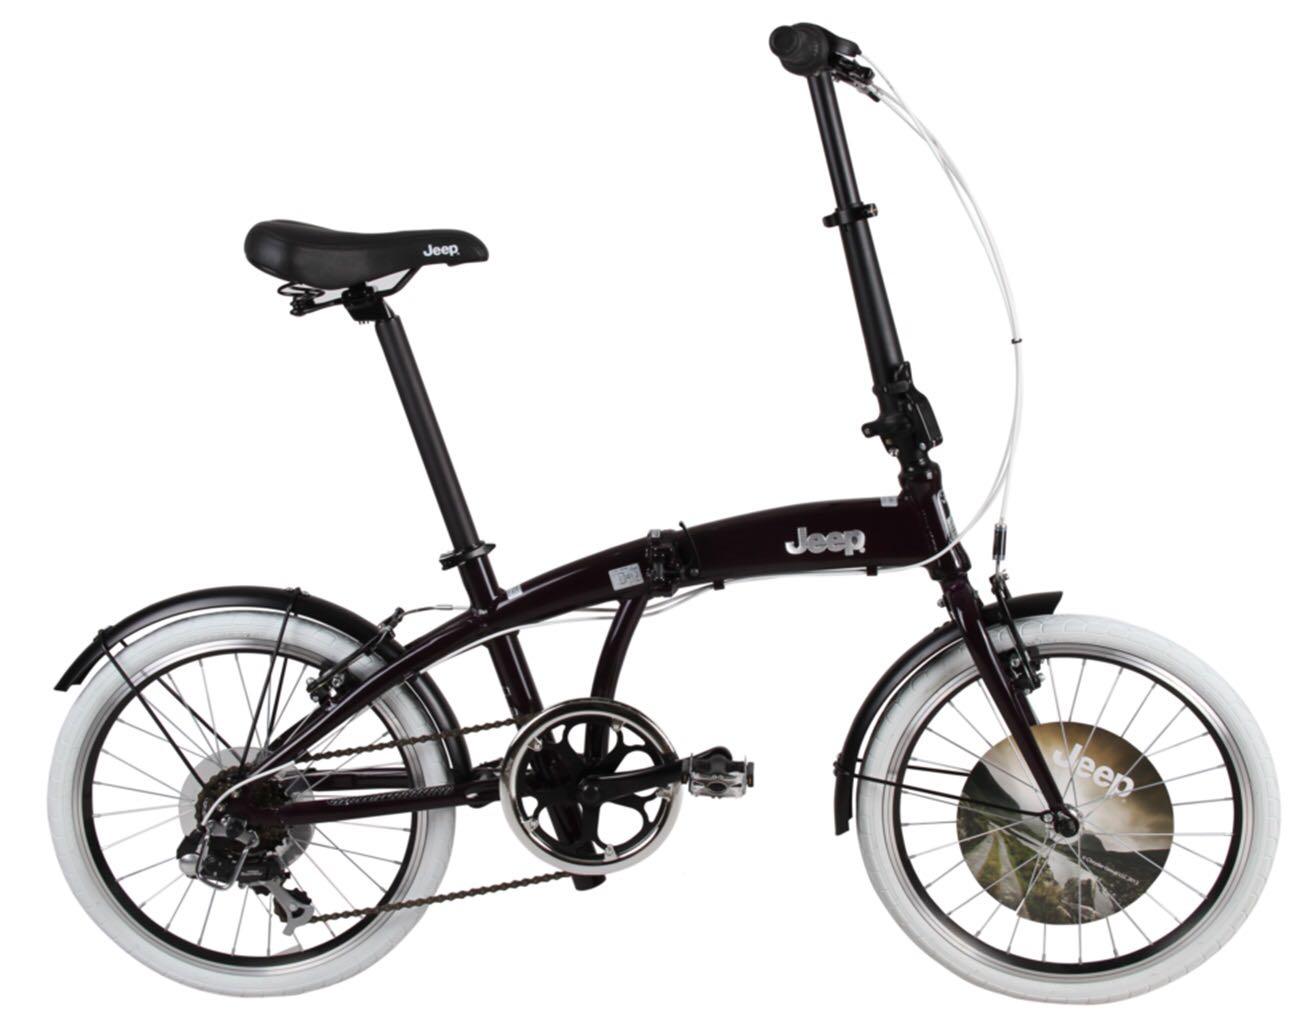 אופני JEEP מתקפלים מאלומיניום